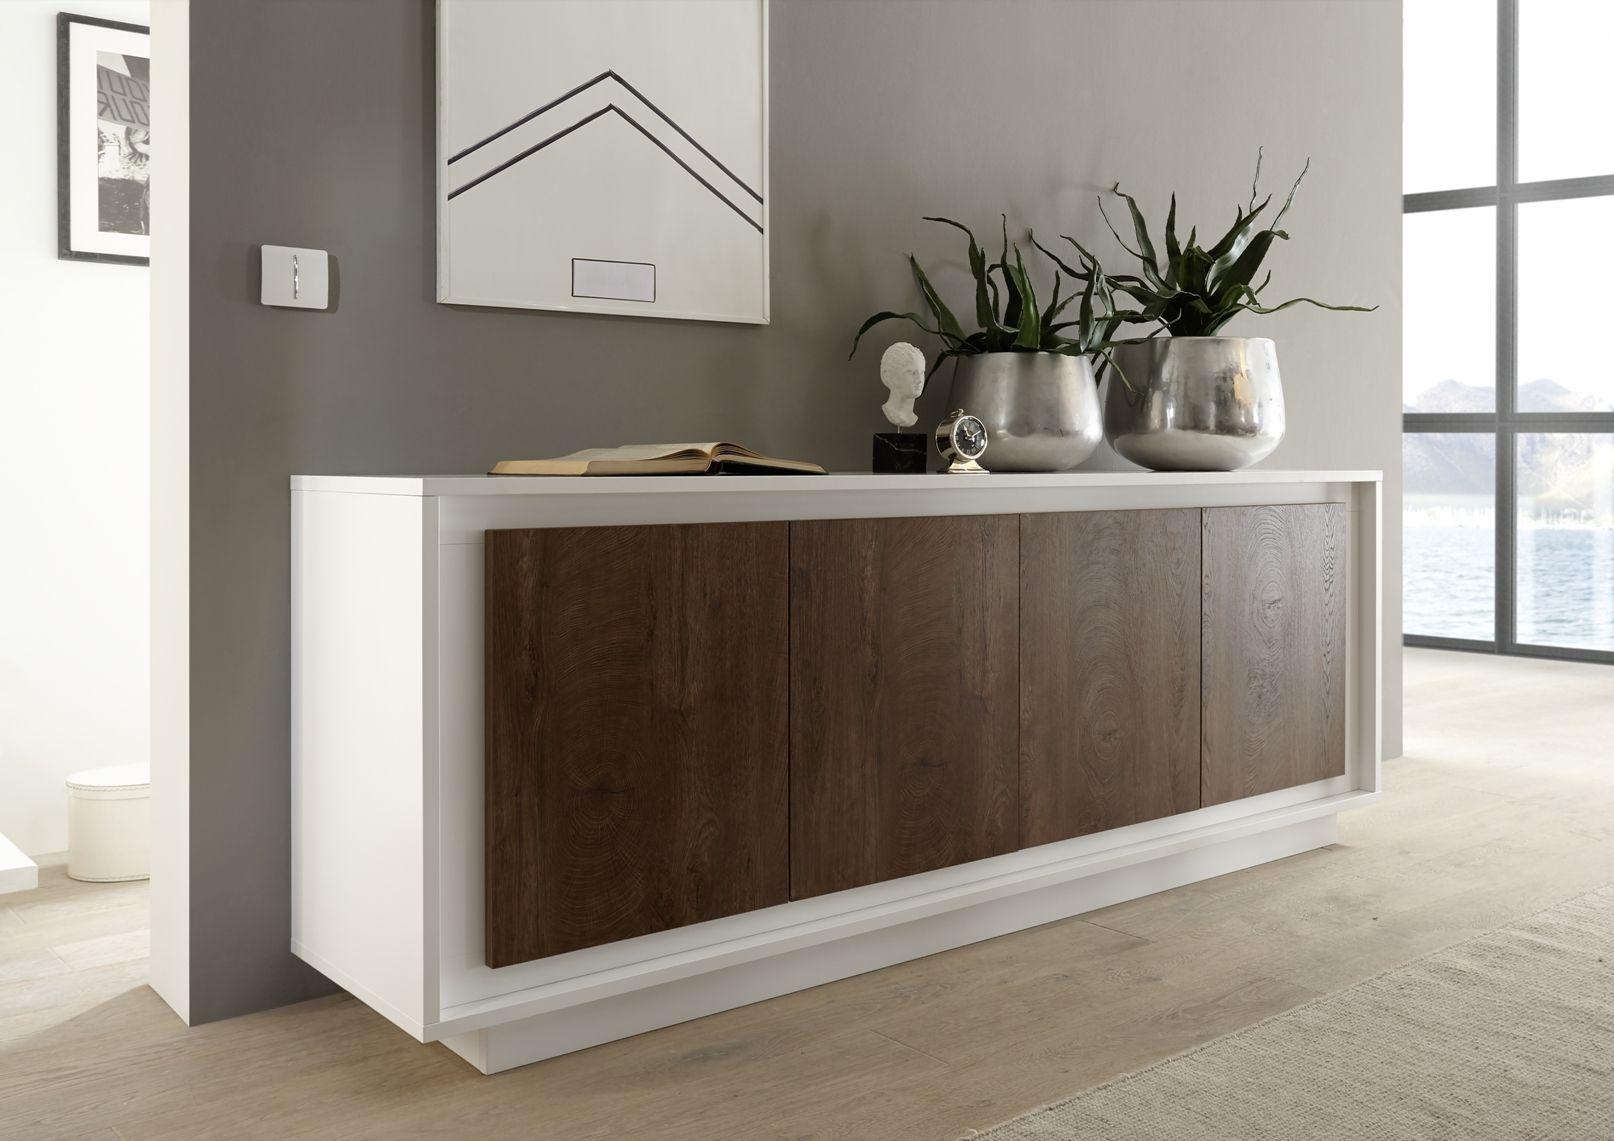 Soggiorni Classici Hai : Soggiorni in legno bianco. Soggiorni ...